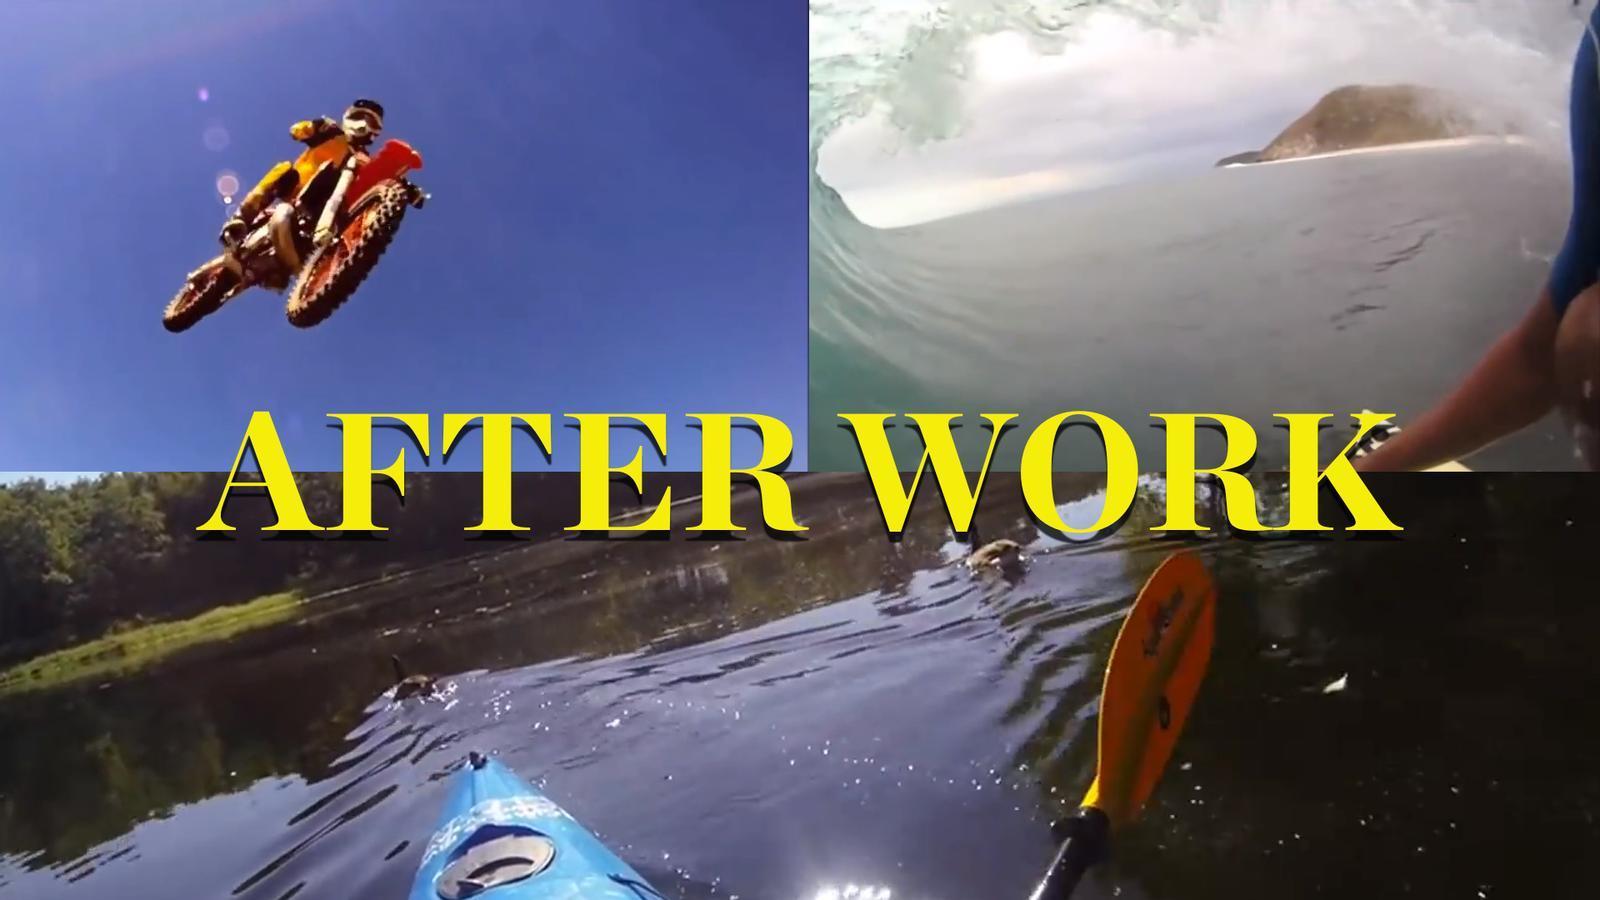 After Work: Les imatges més espectaculars gravades fins ara amb una GoPro